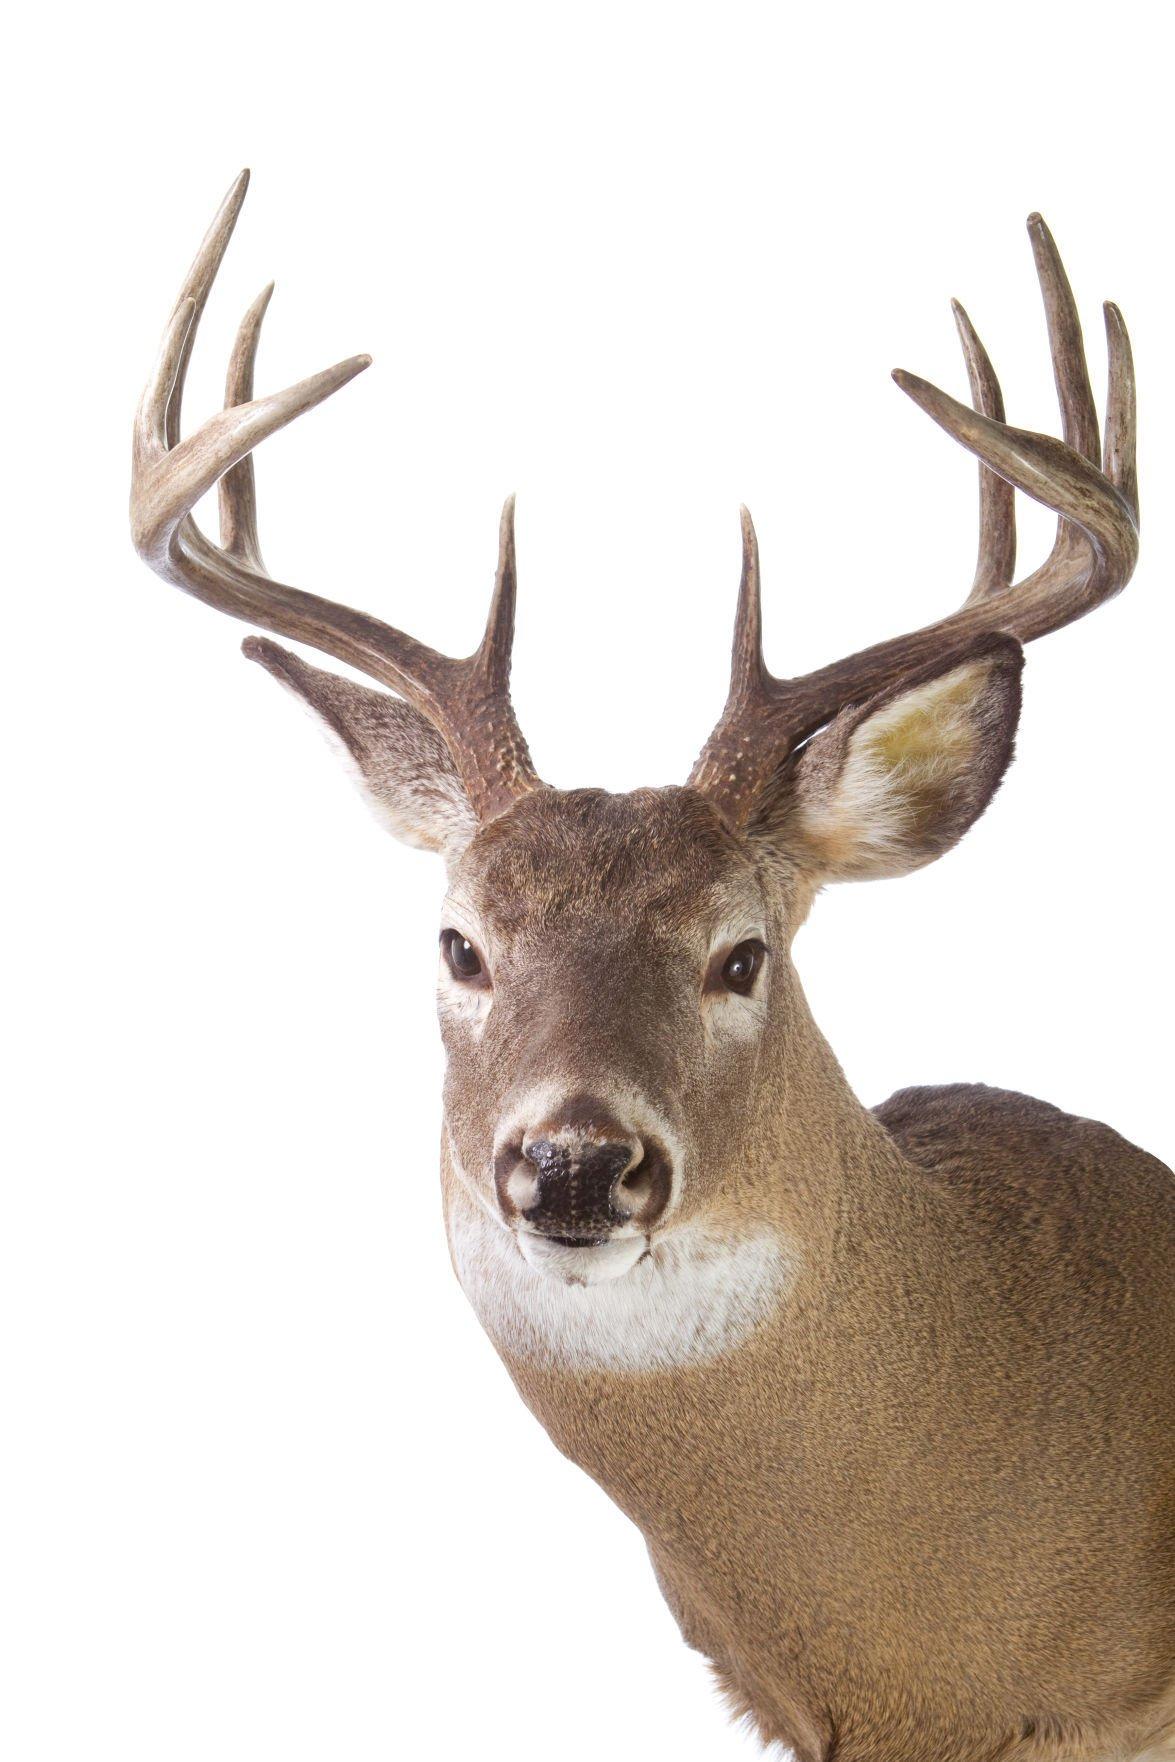 Deer deaths